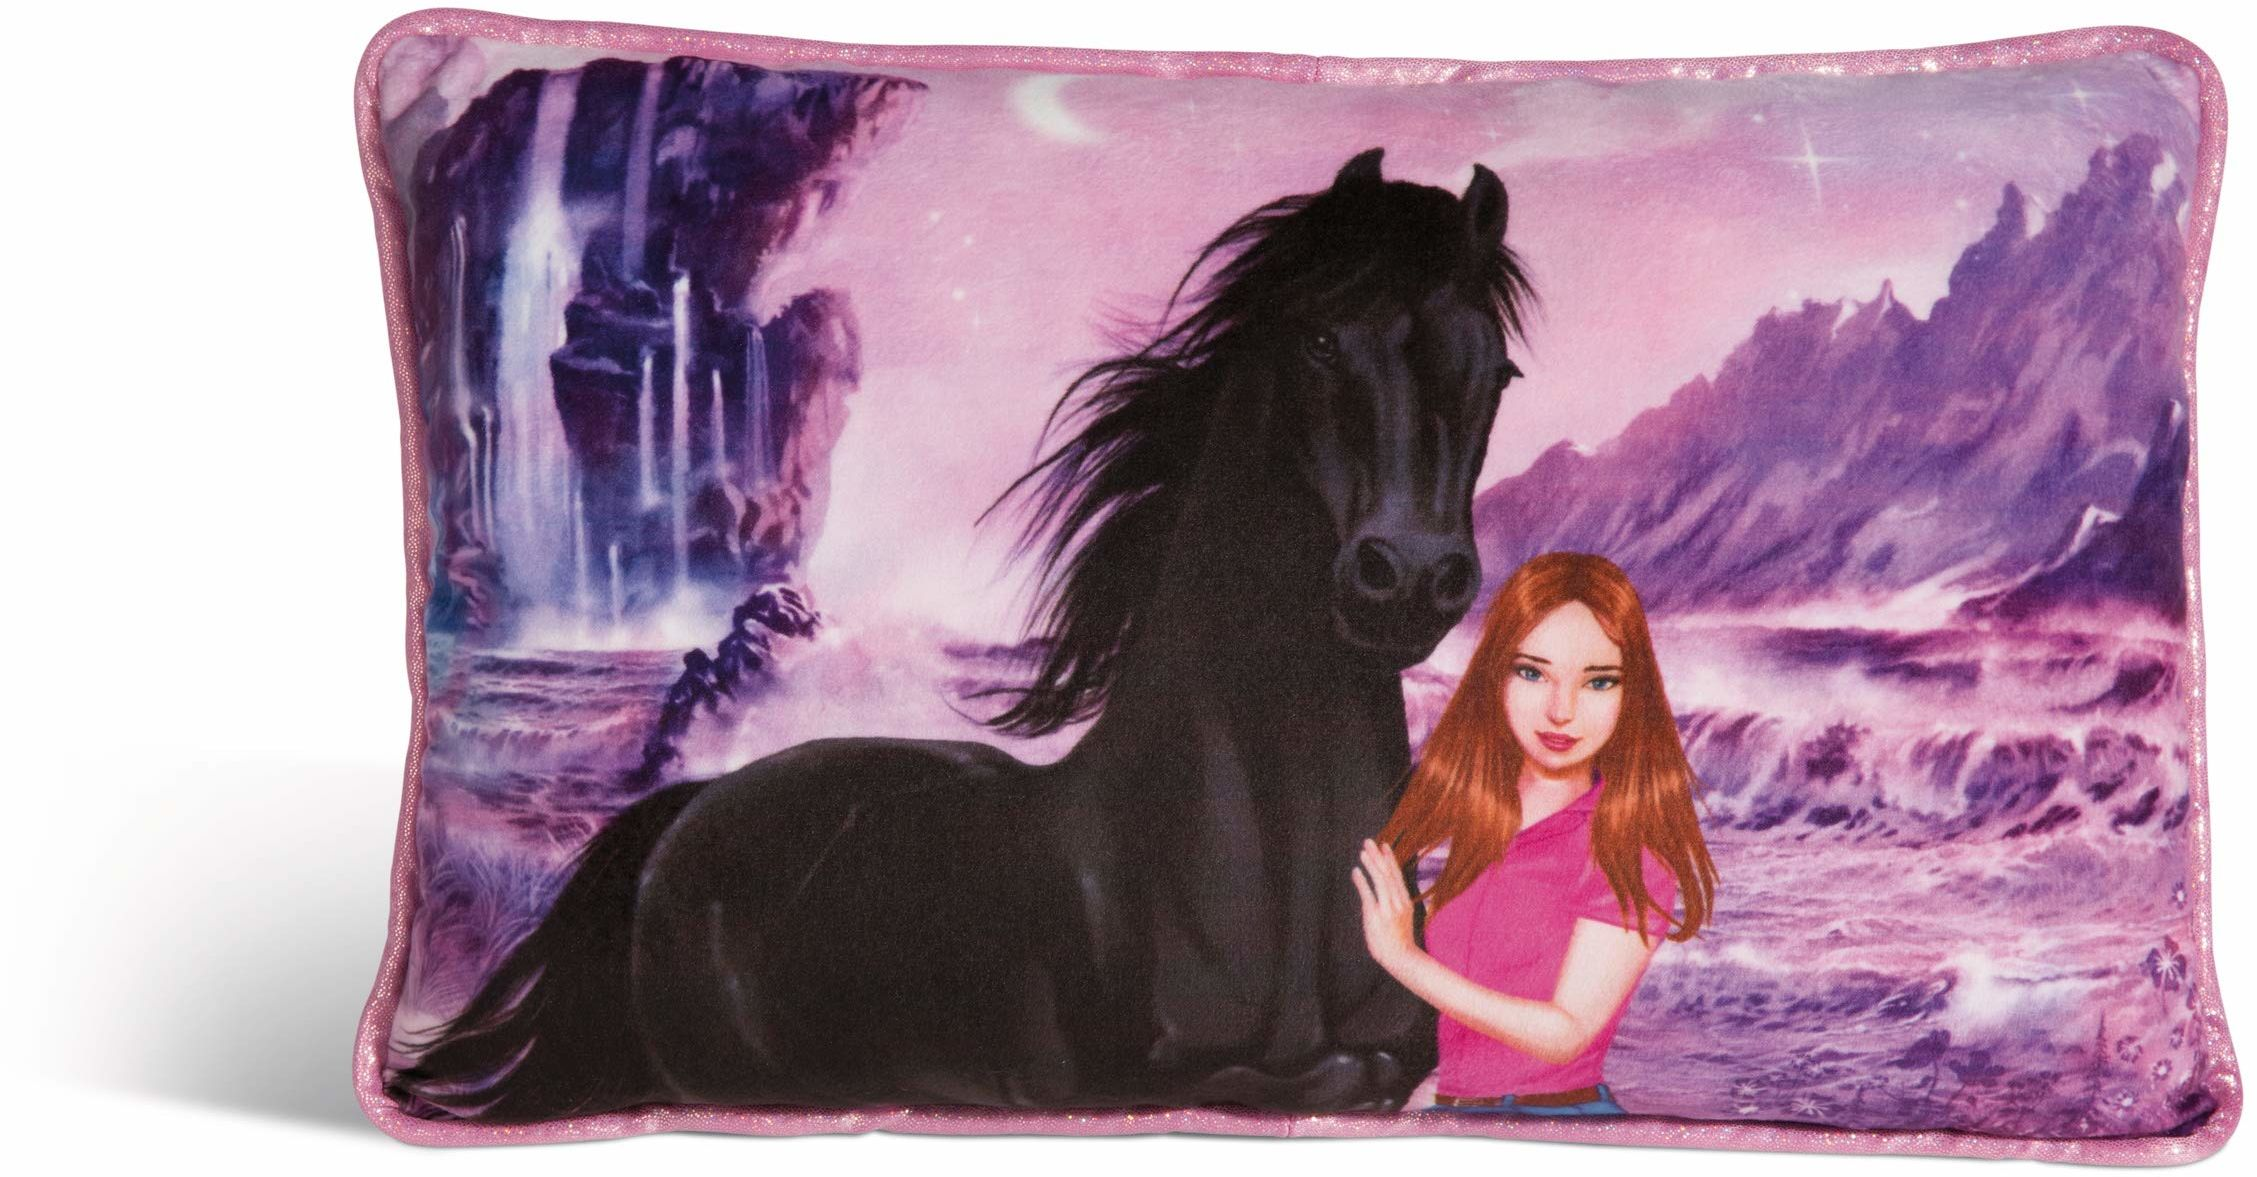 NICI 44903 Poduszka Soulmates Mystery Hearts prostokątna 43x25 cm, kolorowa/liliowa